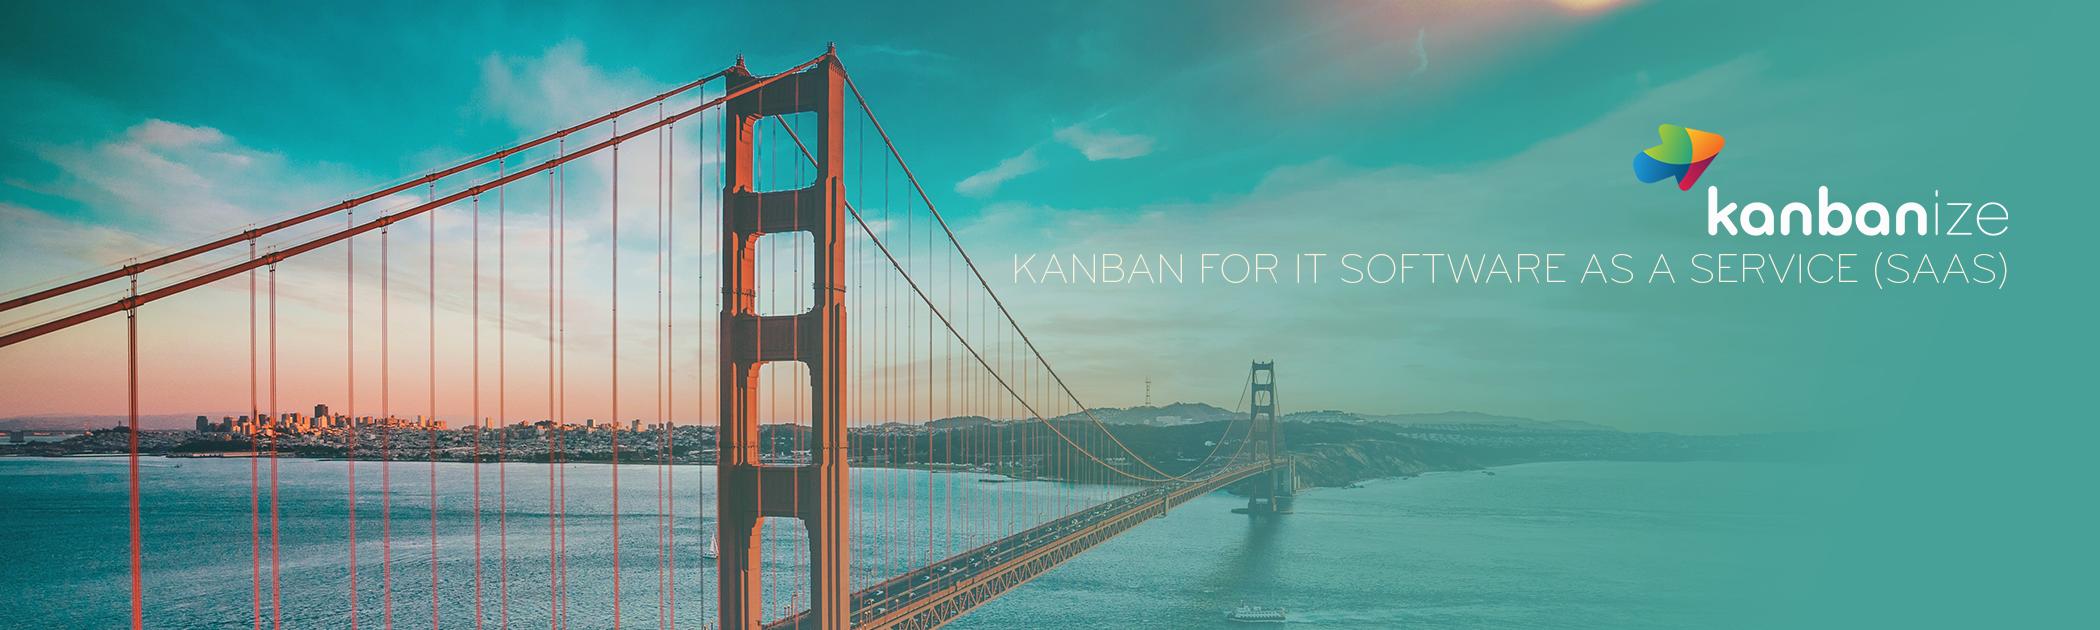 Kanban for IT SAAS